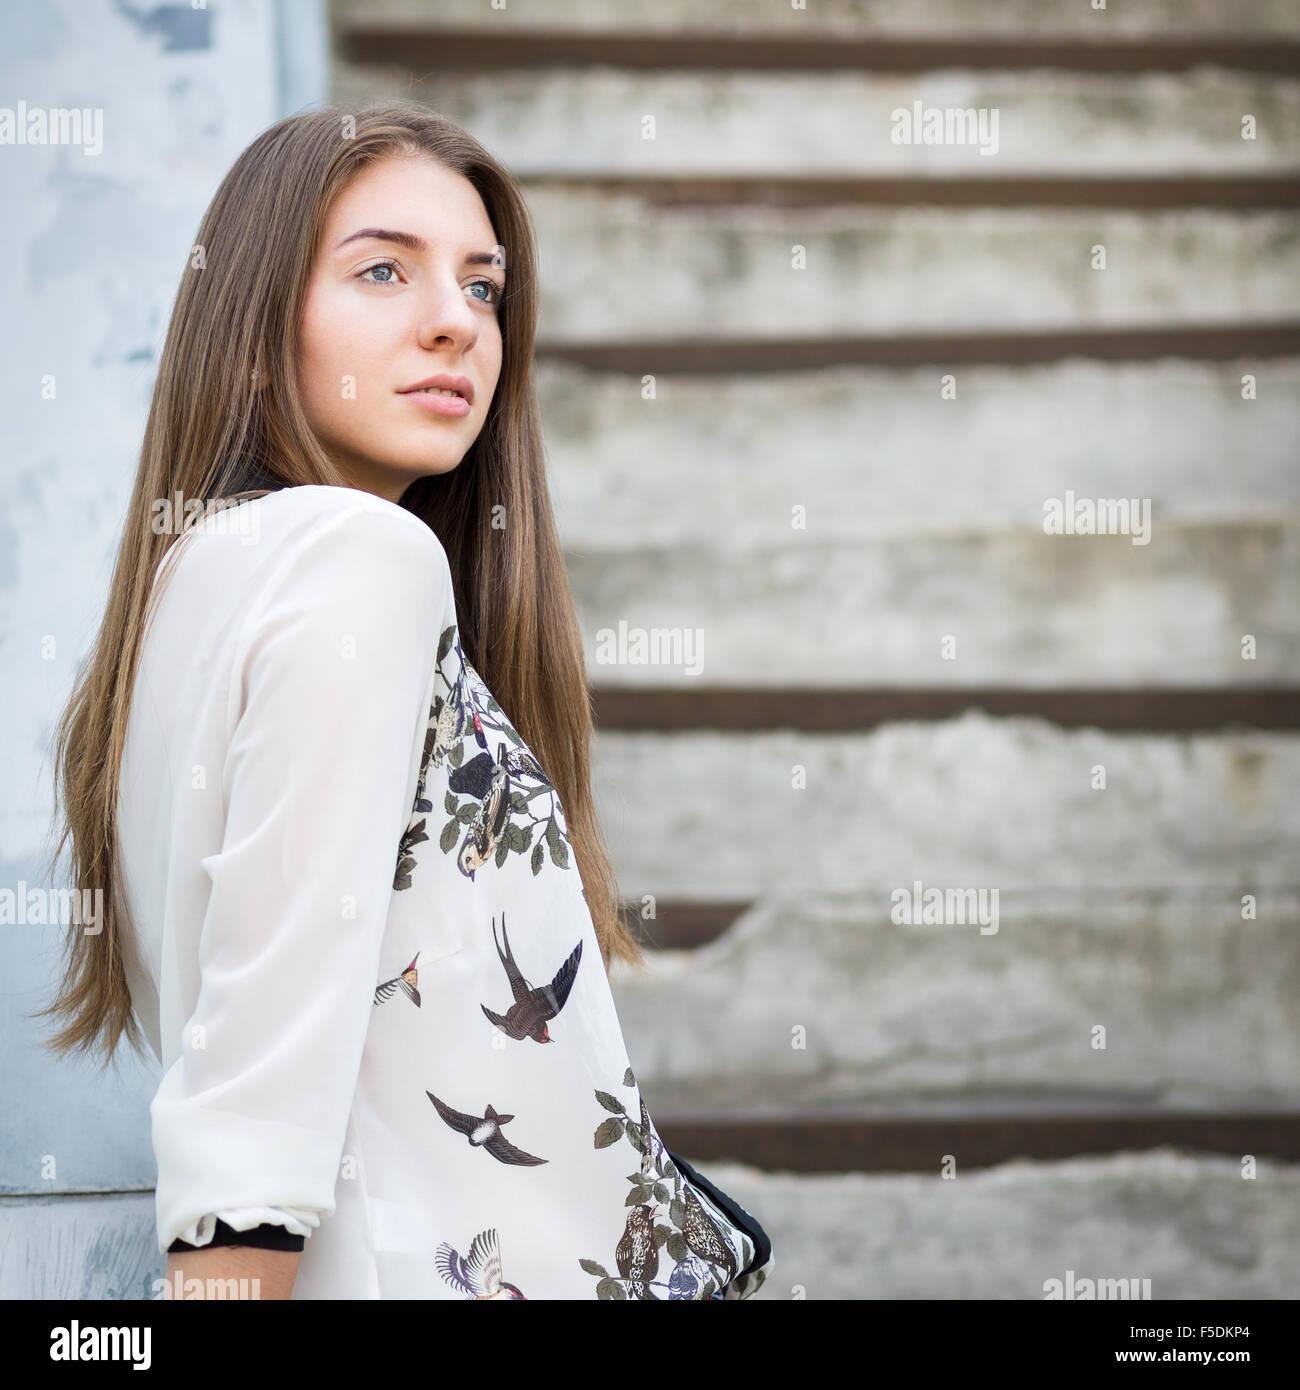 Belle fille adultes debout sur un escalier et à tout droit Photo Stock